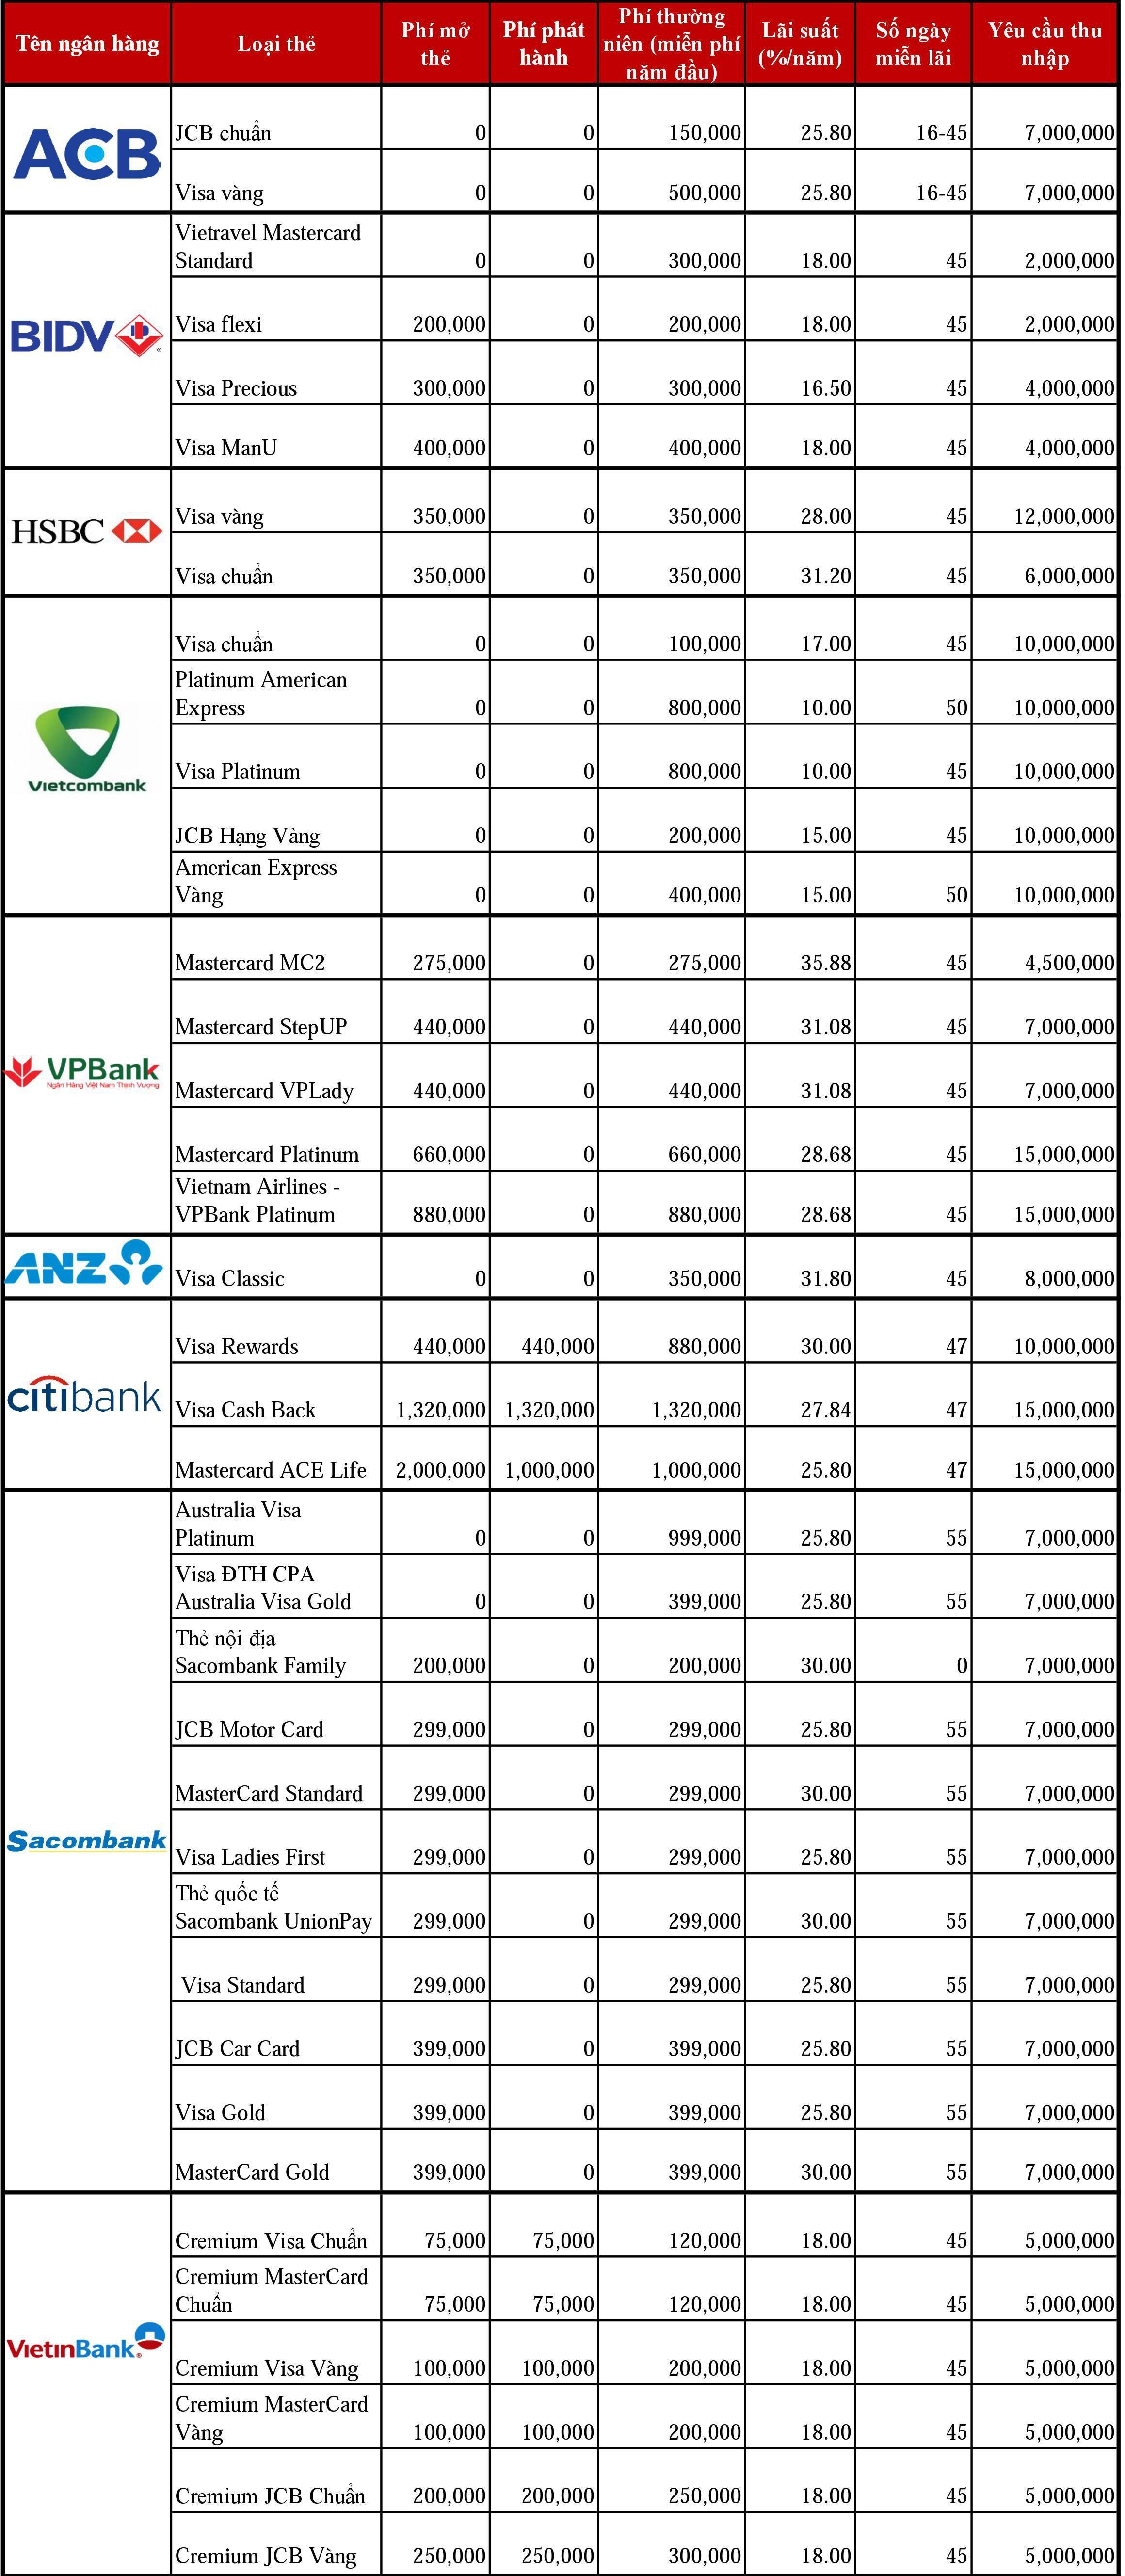 lãi suất thẻ tín dụng các ngân hàng